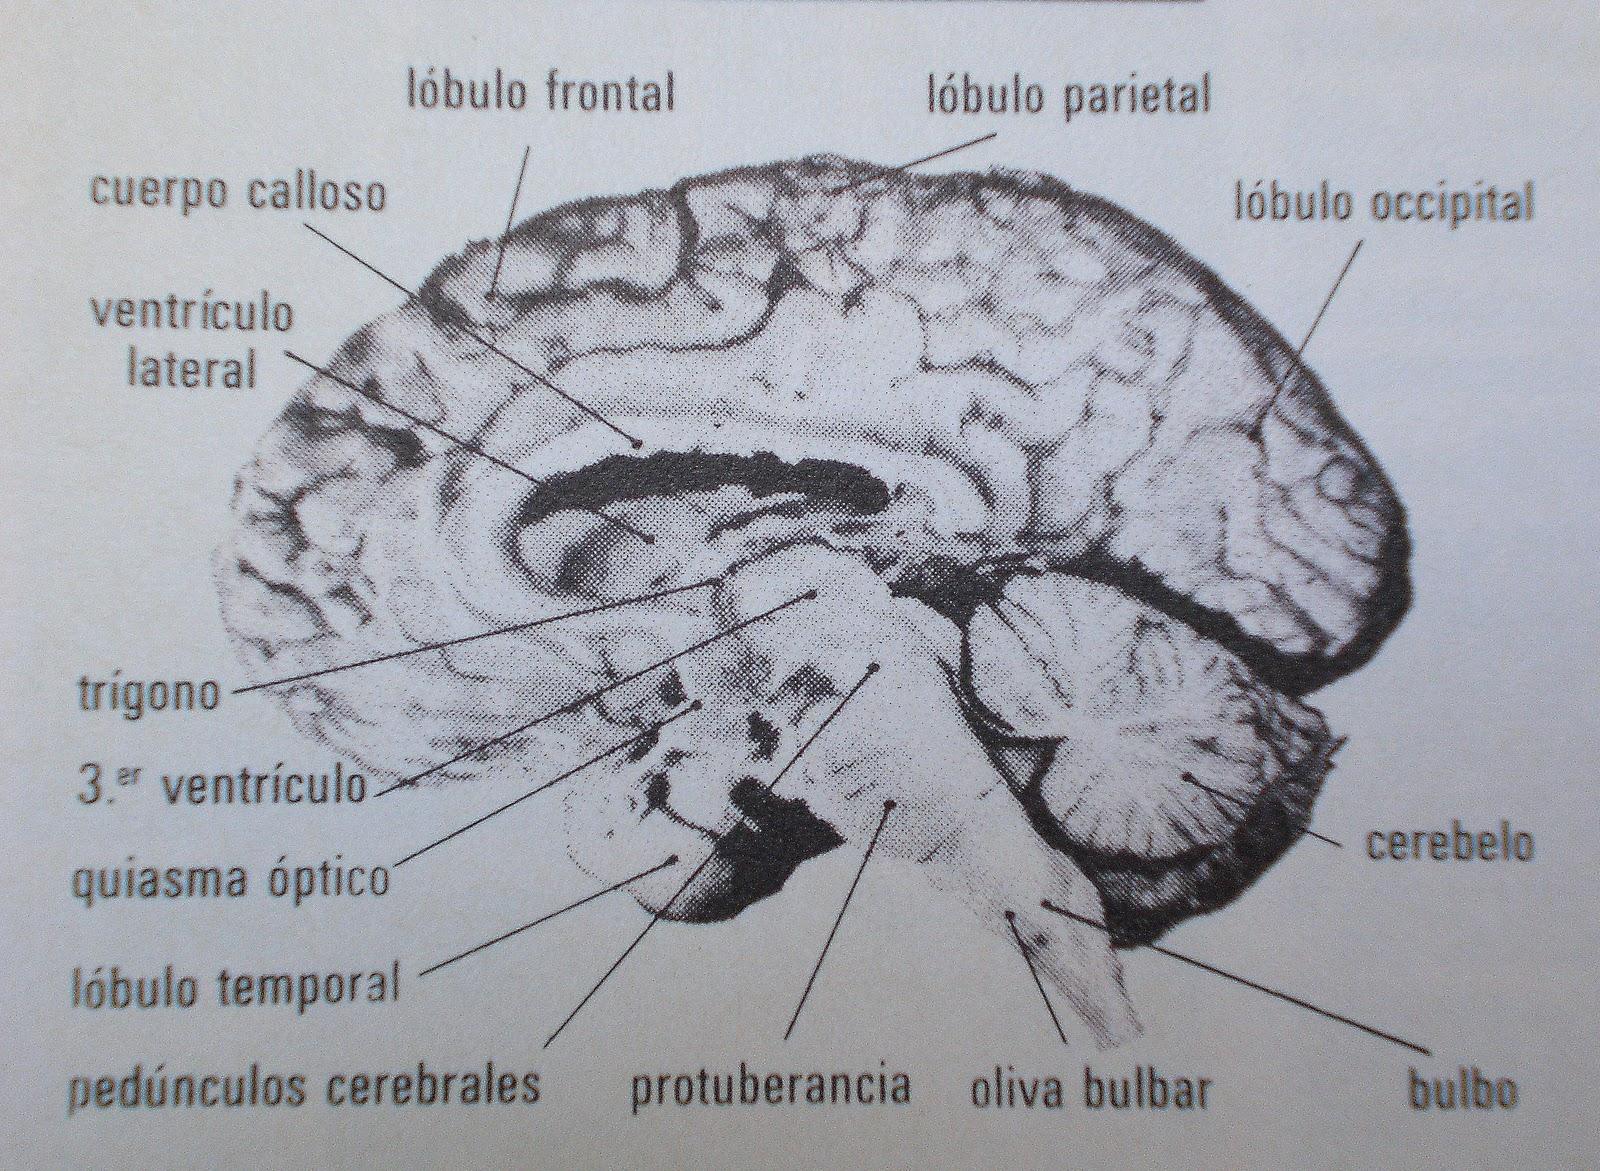 ... pintura se hallaría representado el hemisferio derecho del cerebro